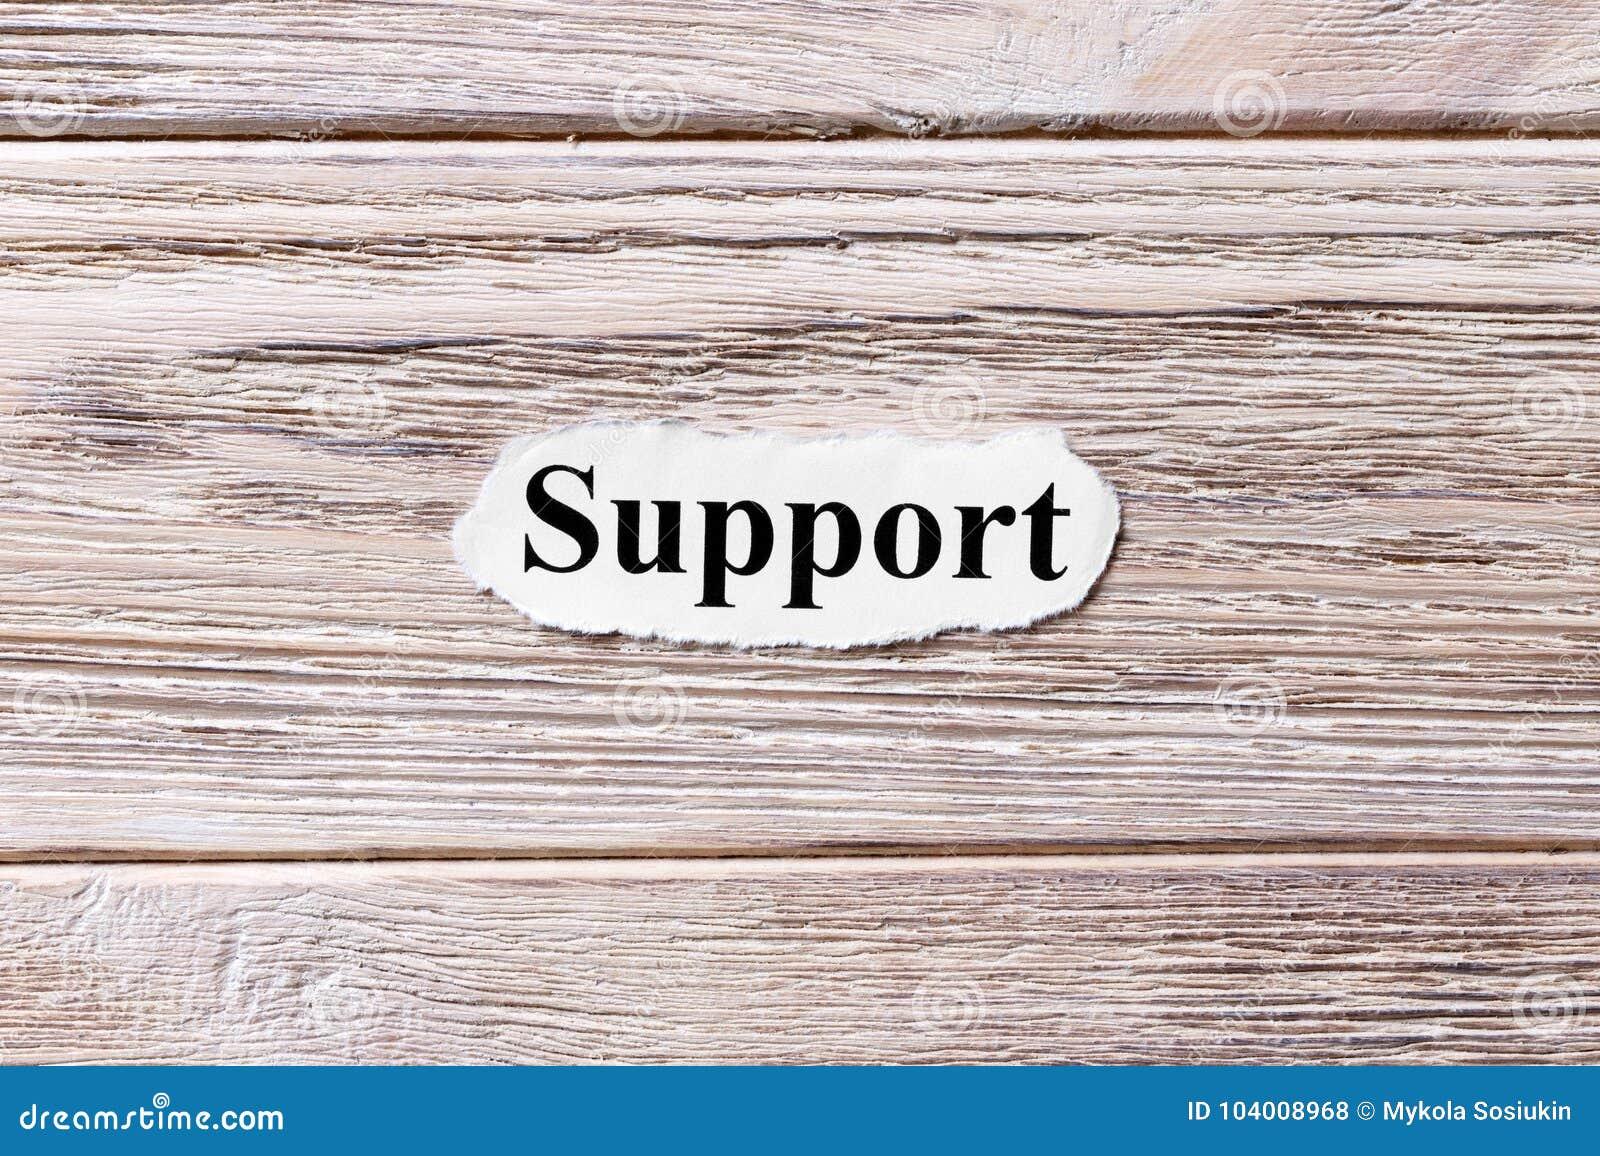 Υποστήριξη της λέξης σε χαρτί Έννοια Λέξεις της υποστήριξης σε ένα ξύλινο υπόβαθρο